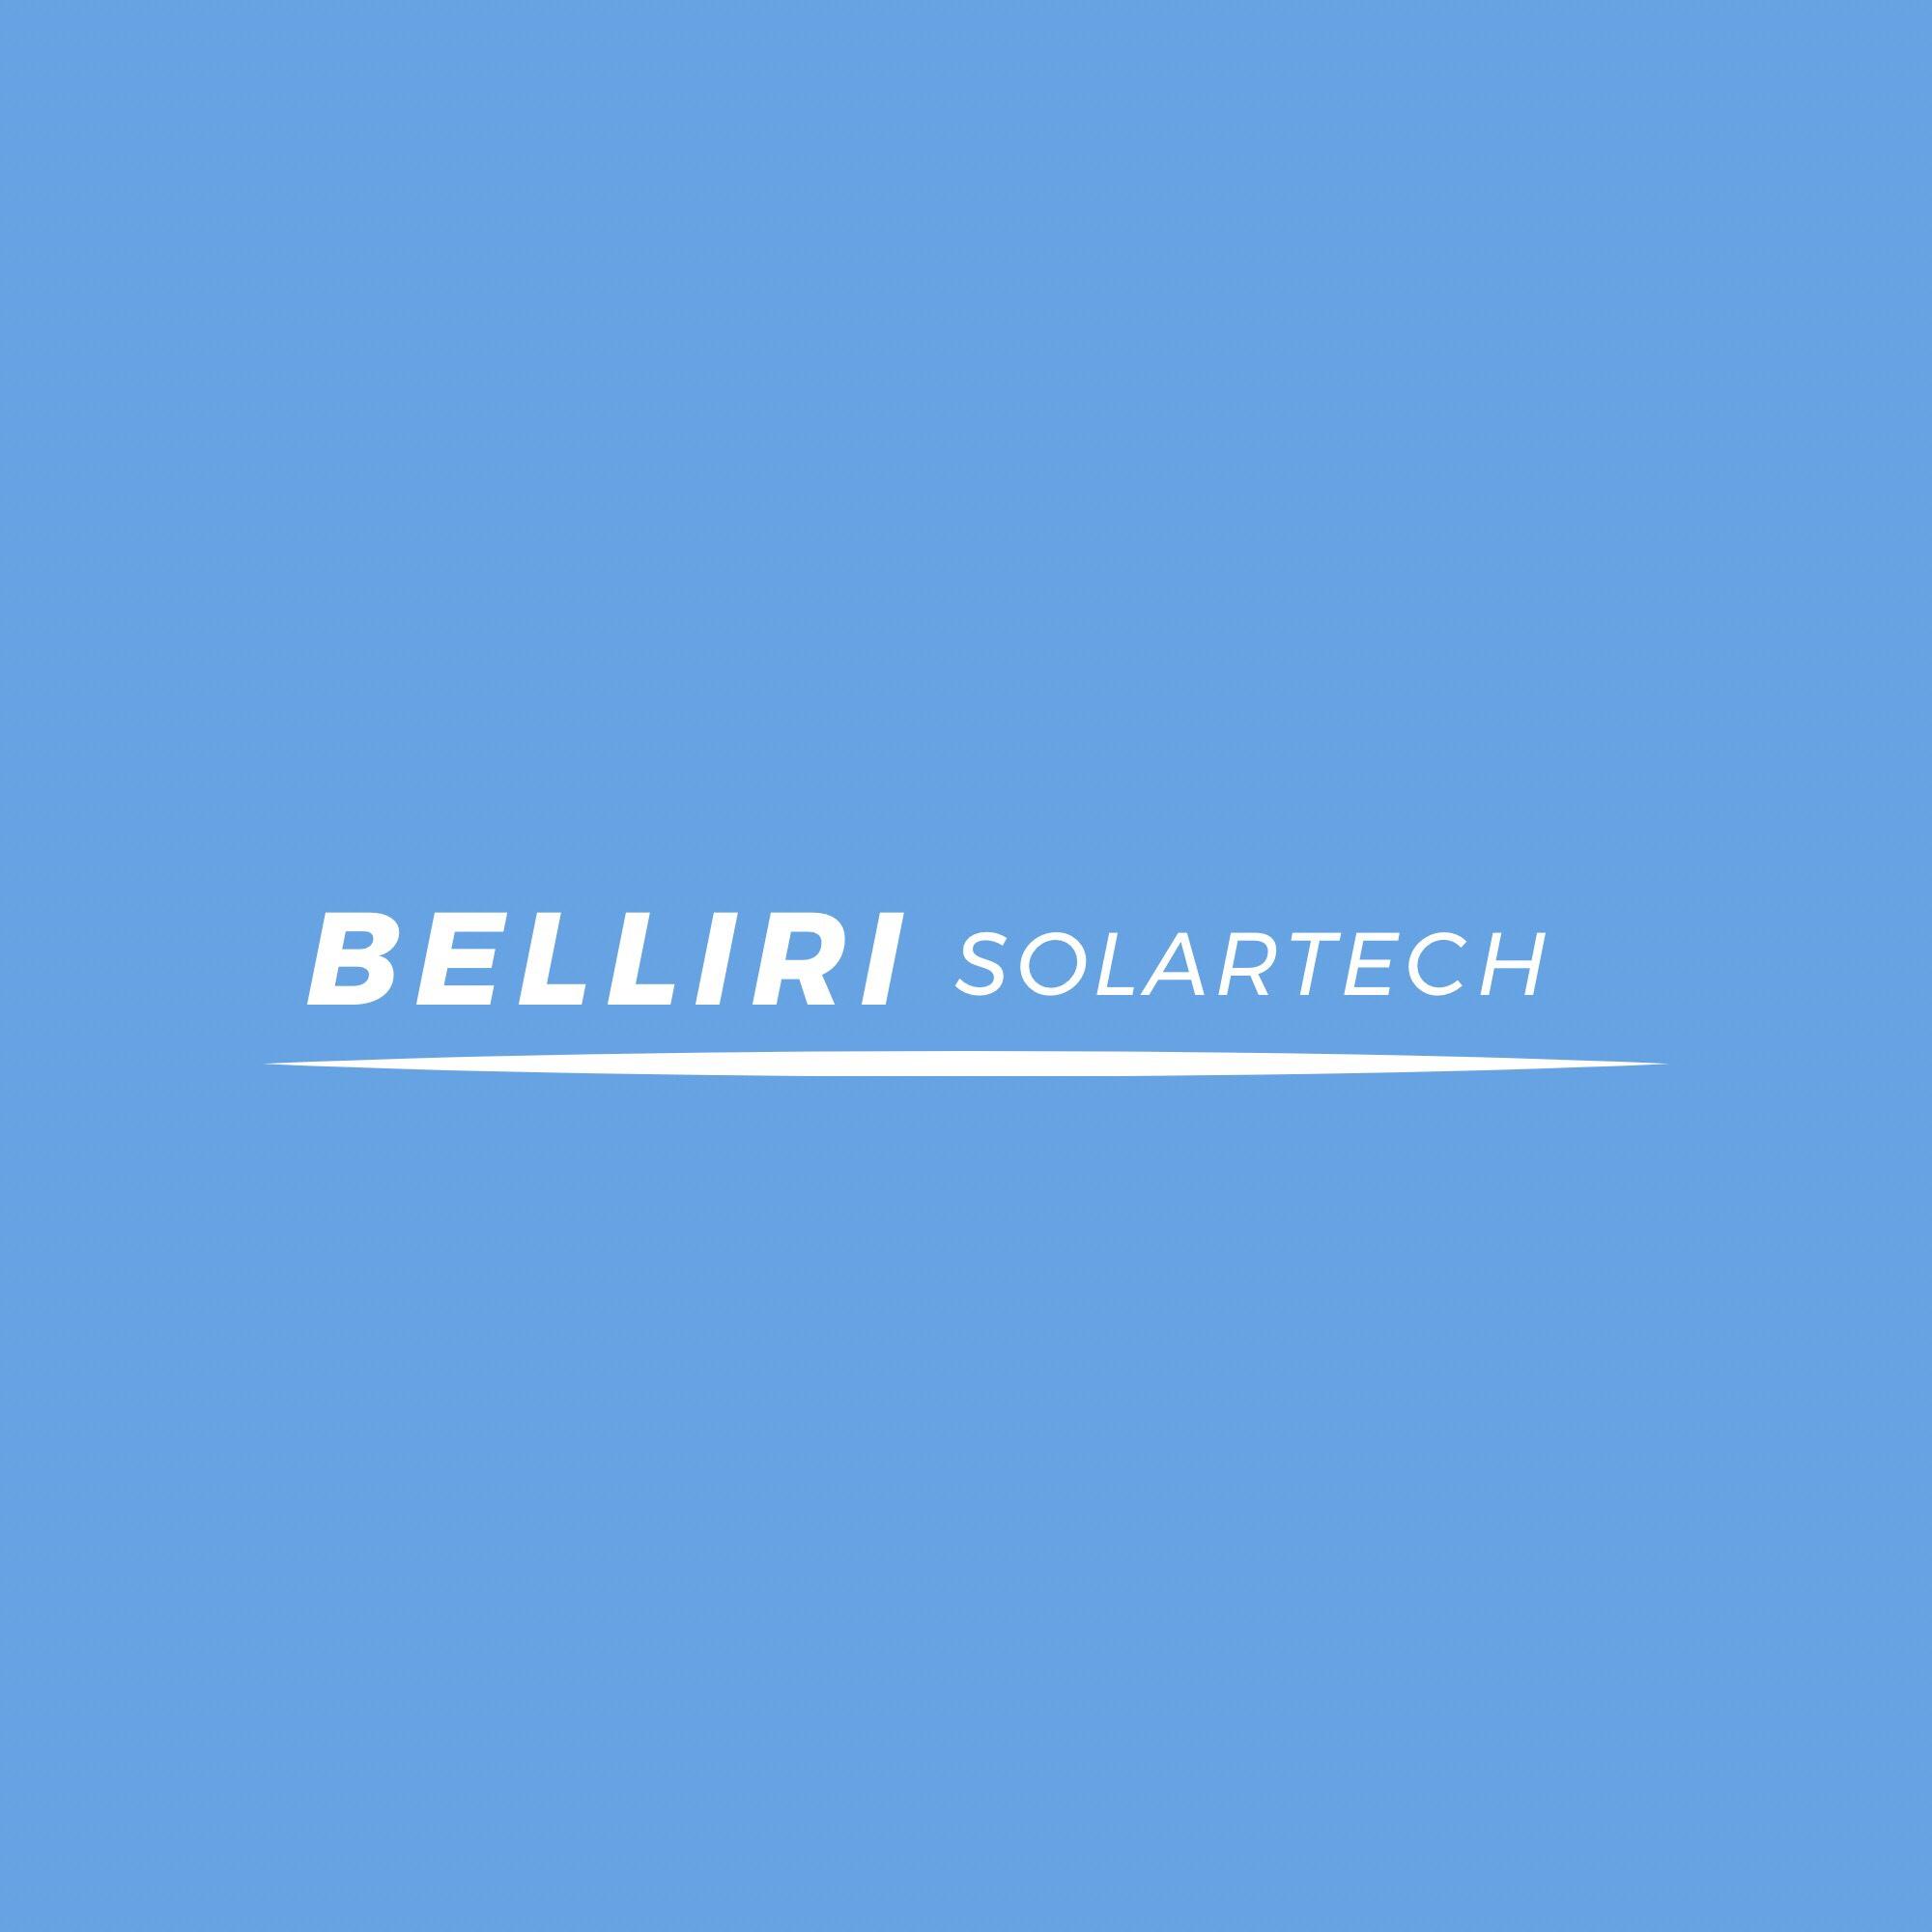 Belliri Solartech